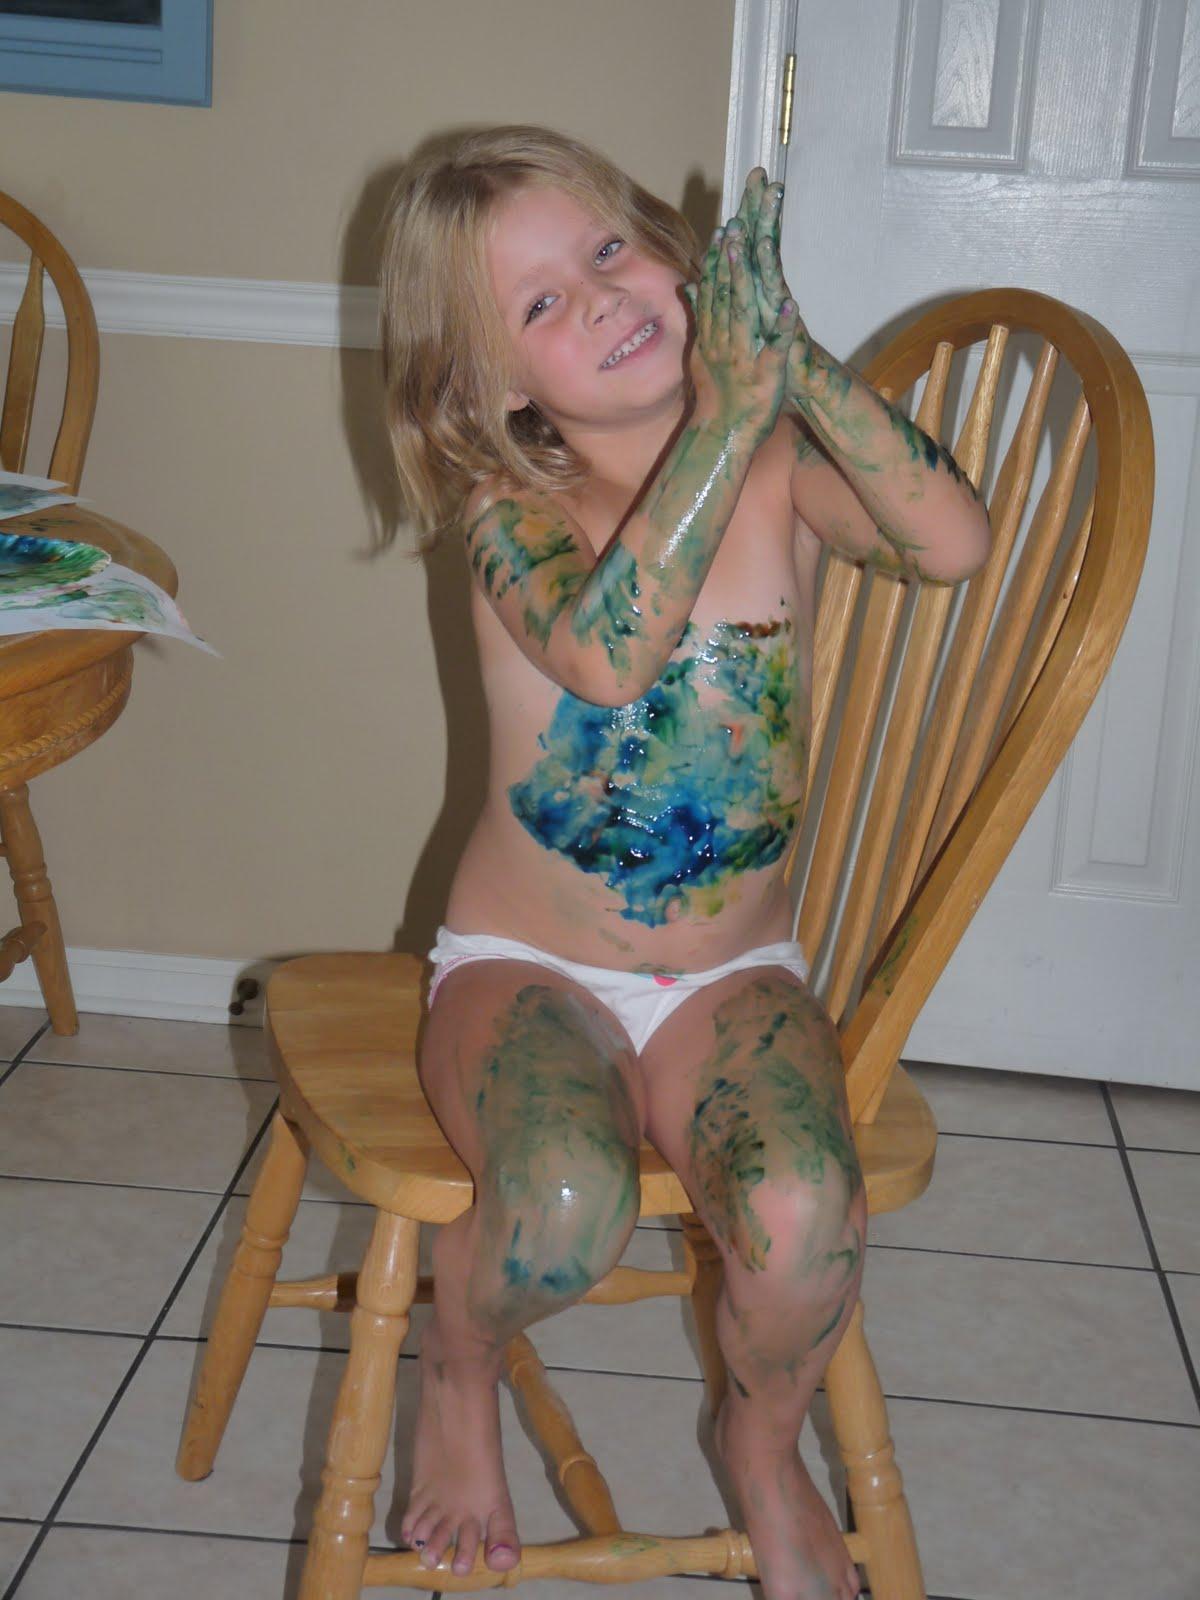 Naked girl celebs peeing outside